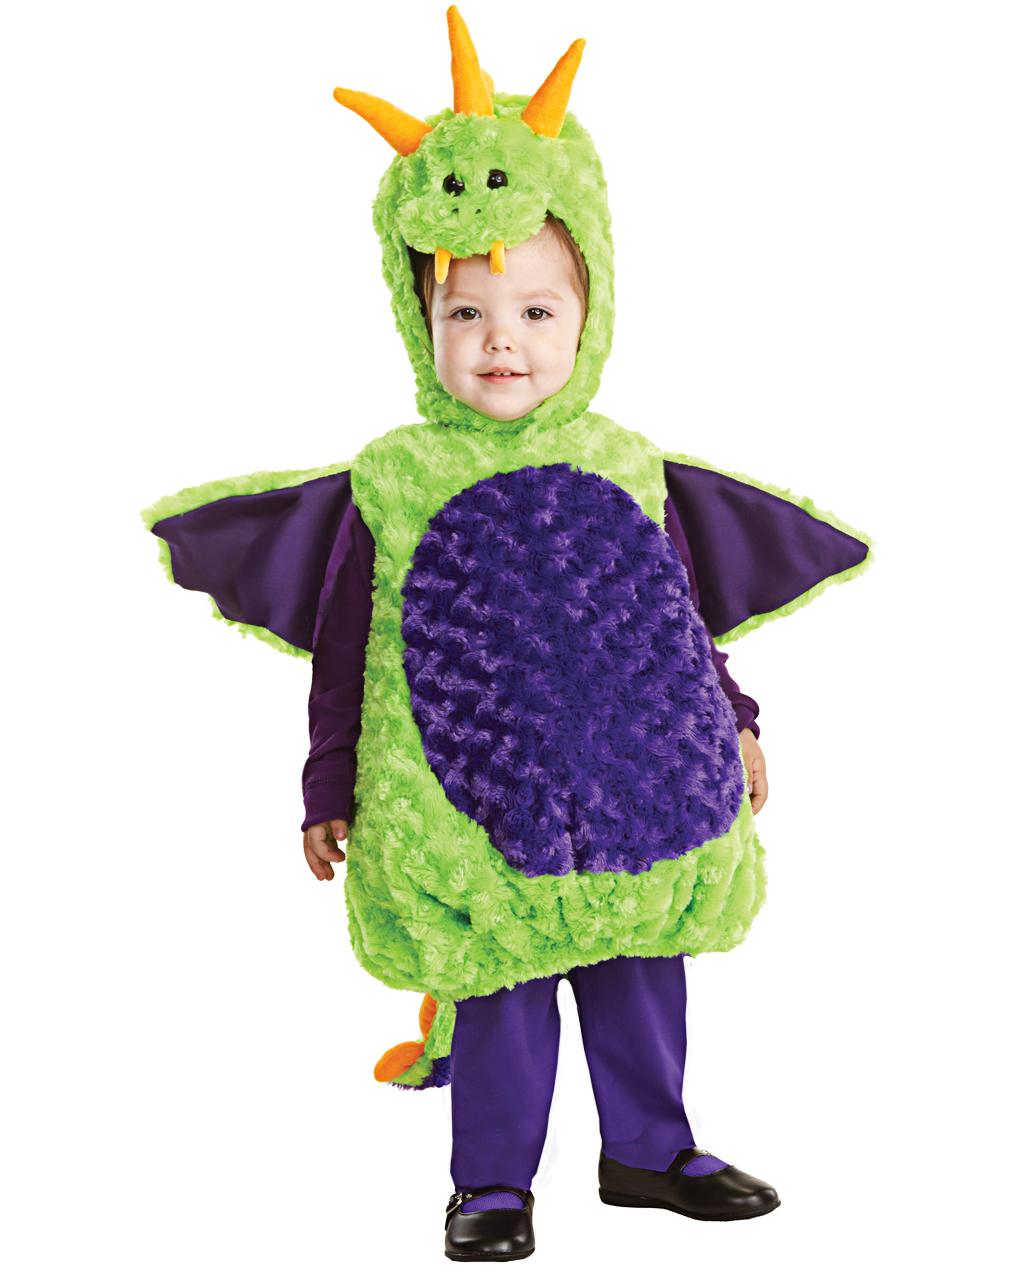 Kleiner Plusch Drache Babykostum Fur Halloween Karneval Universe